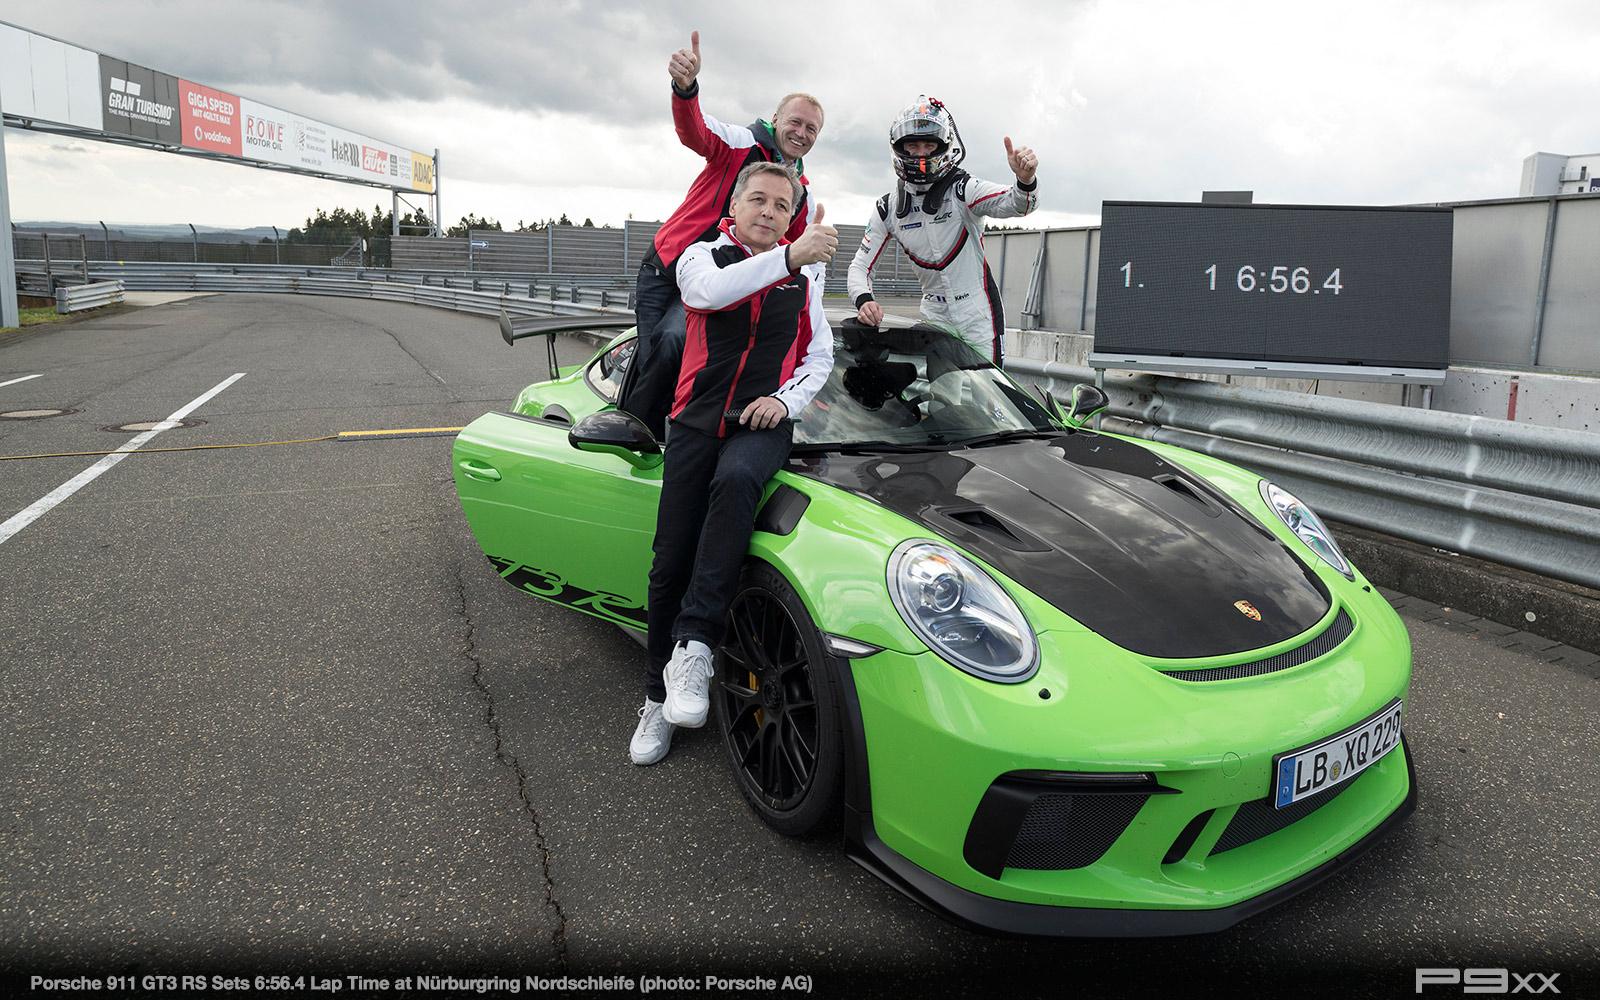 Porsche-911-9912-GT3-RS-Sets-Nurburgring-Lap-Time-282